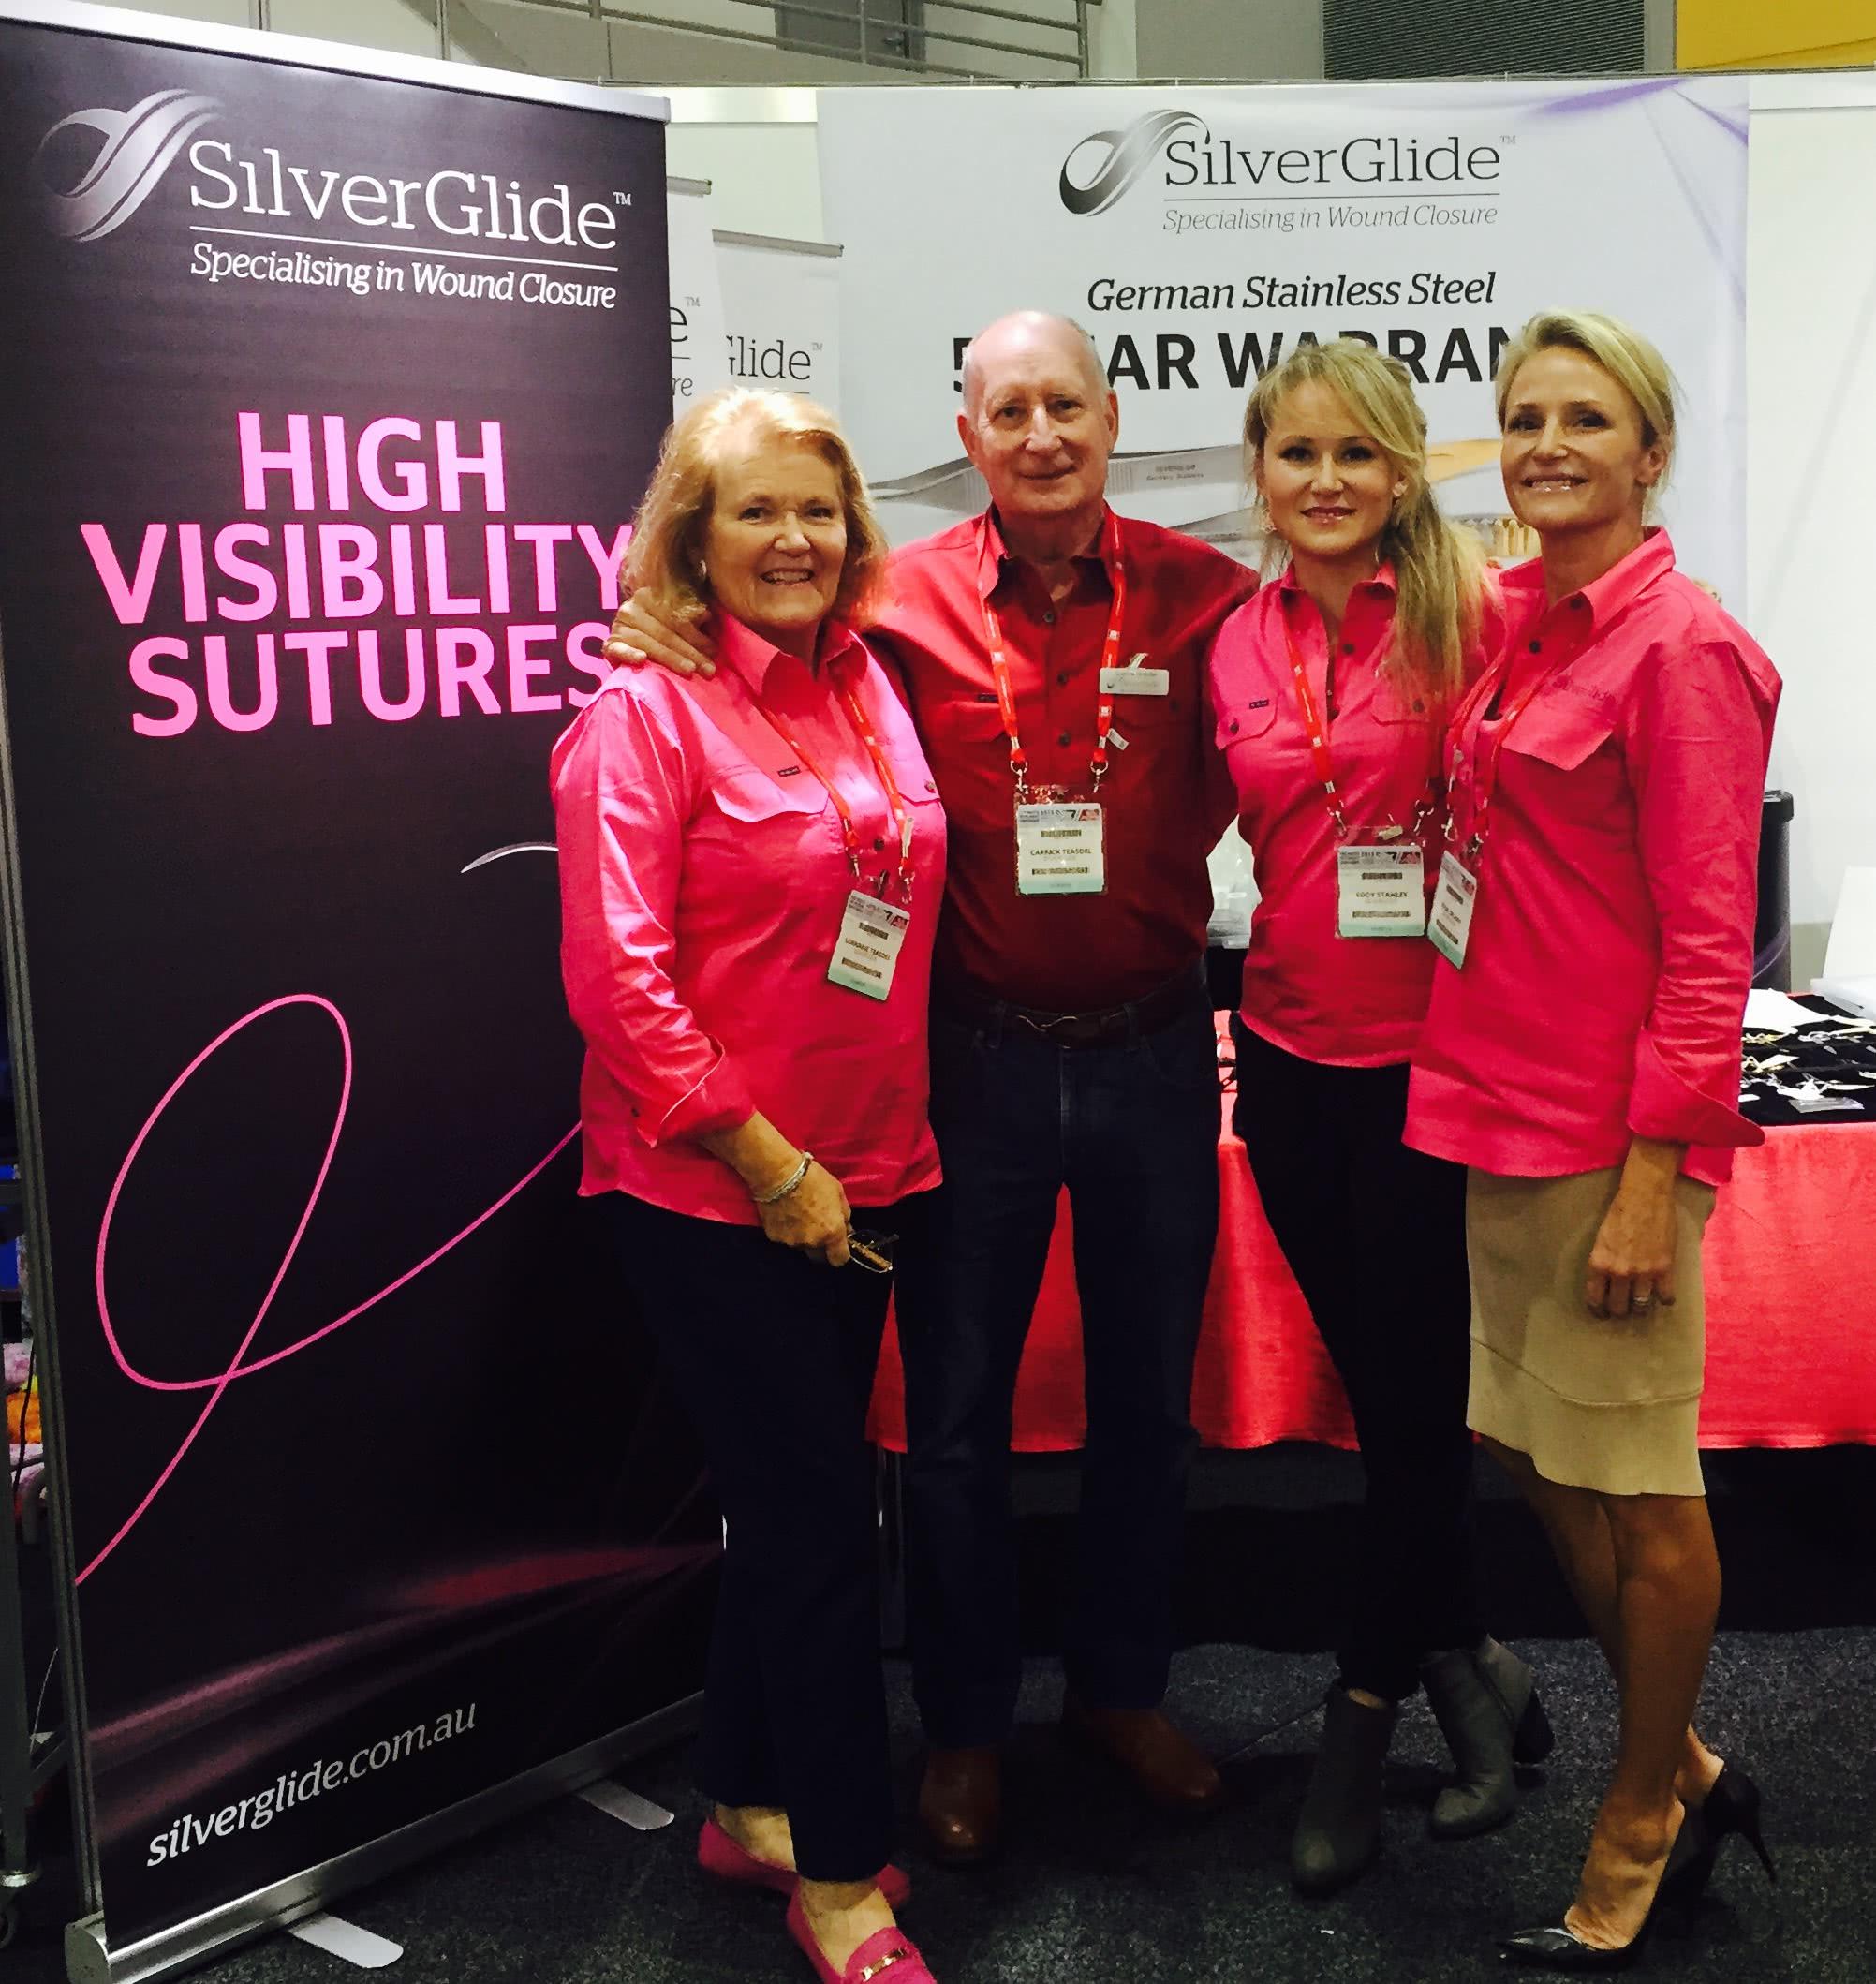 Meet the SilverGlide Team